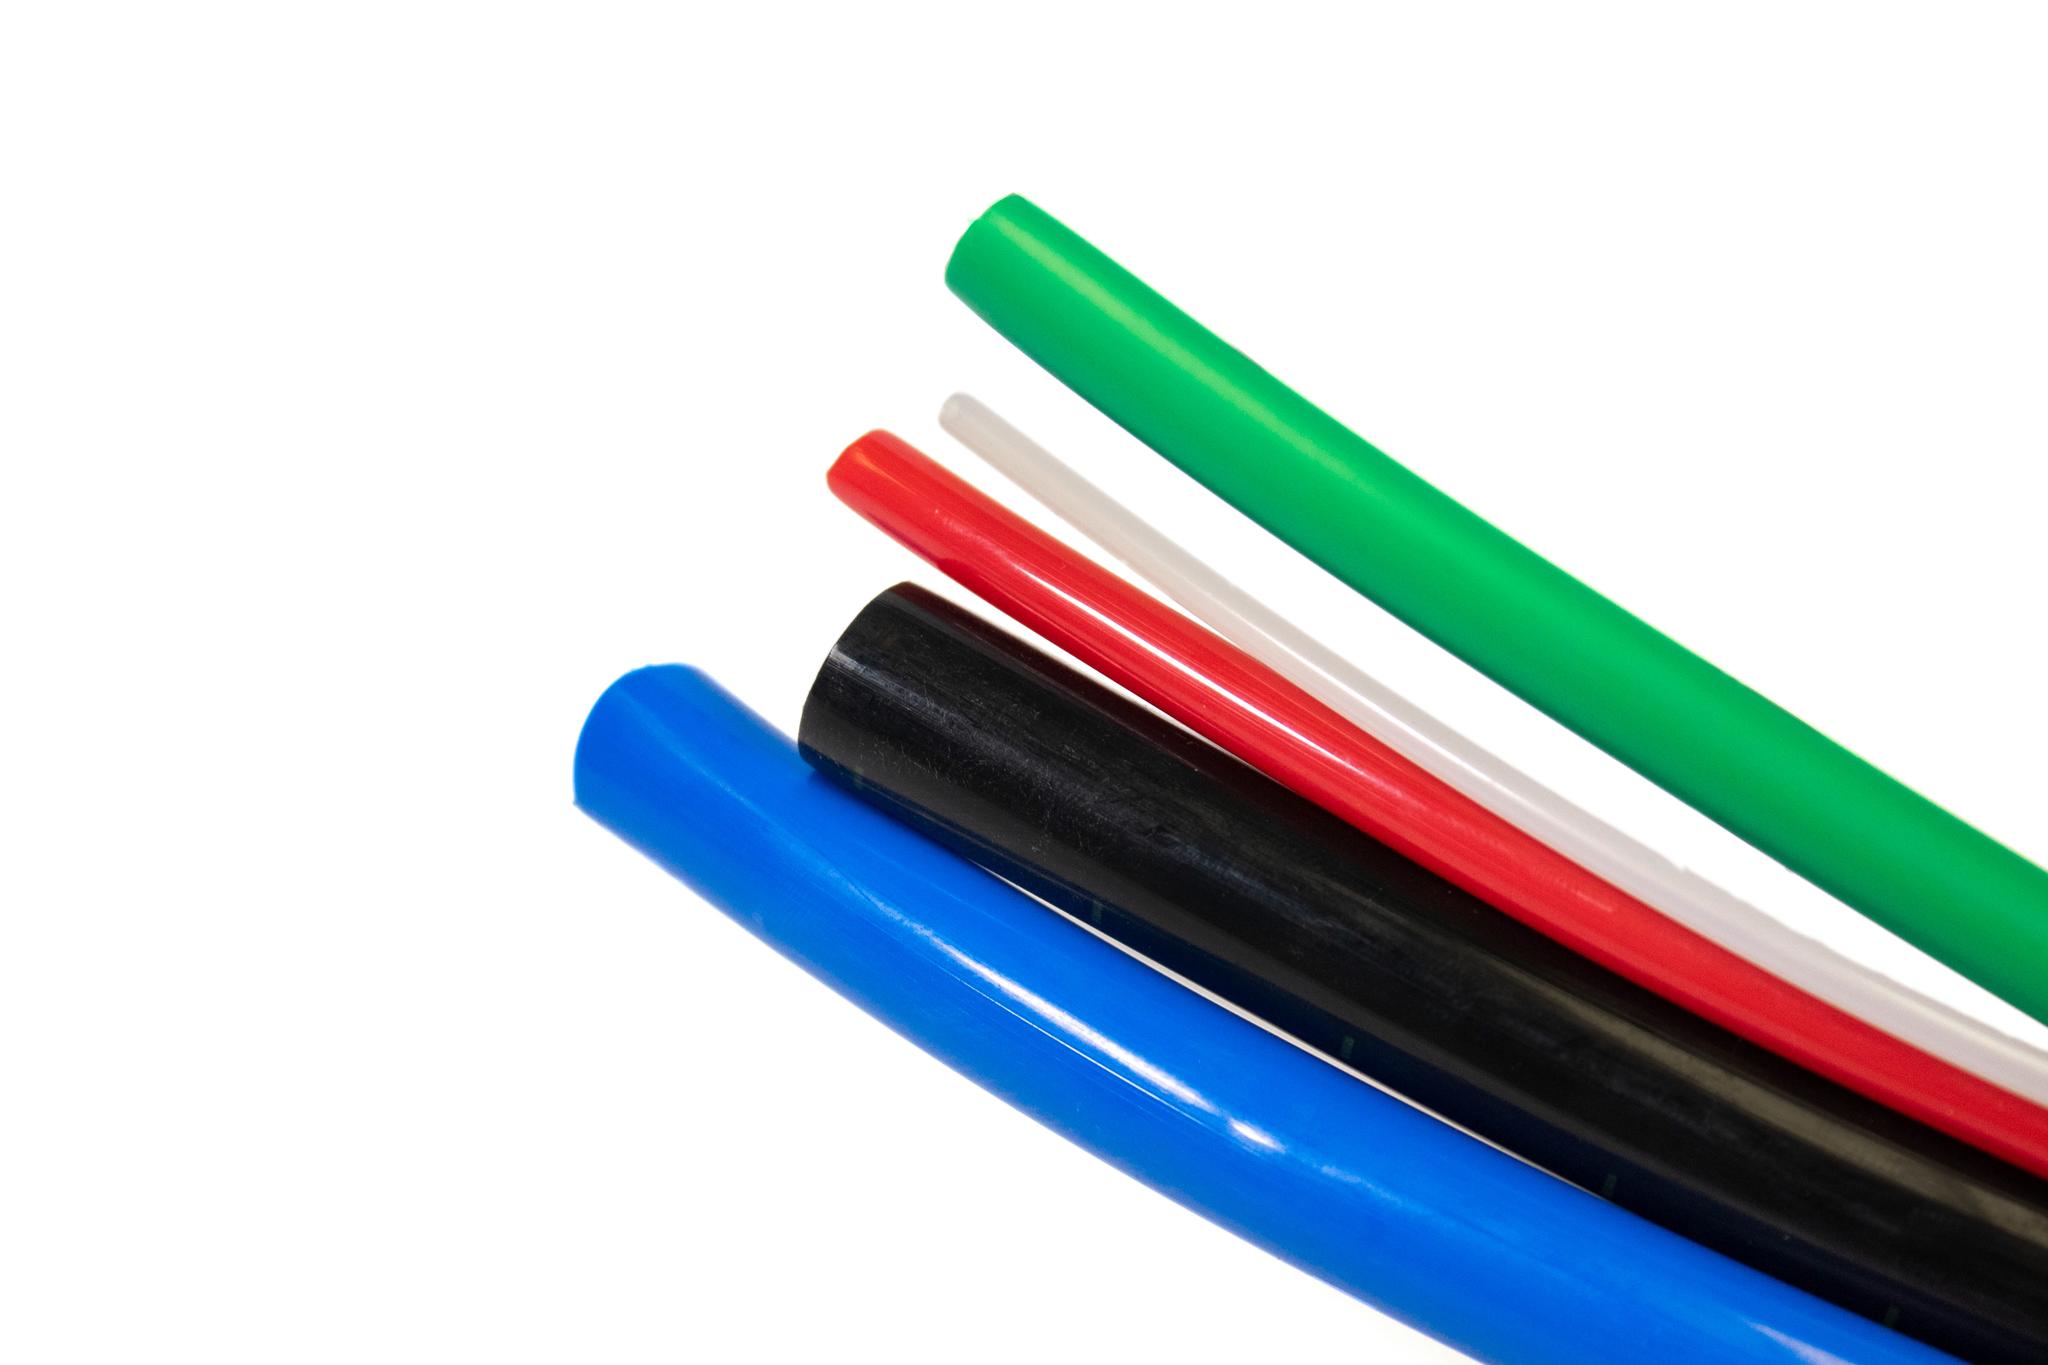 Flexible Nylon Hose Tubing Thin Wall 5.0mm O/D x 3.0mm I/D x 1.0mm Wall Natural